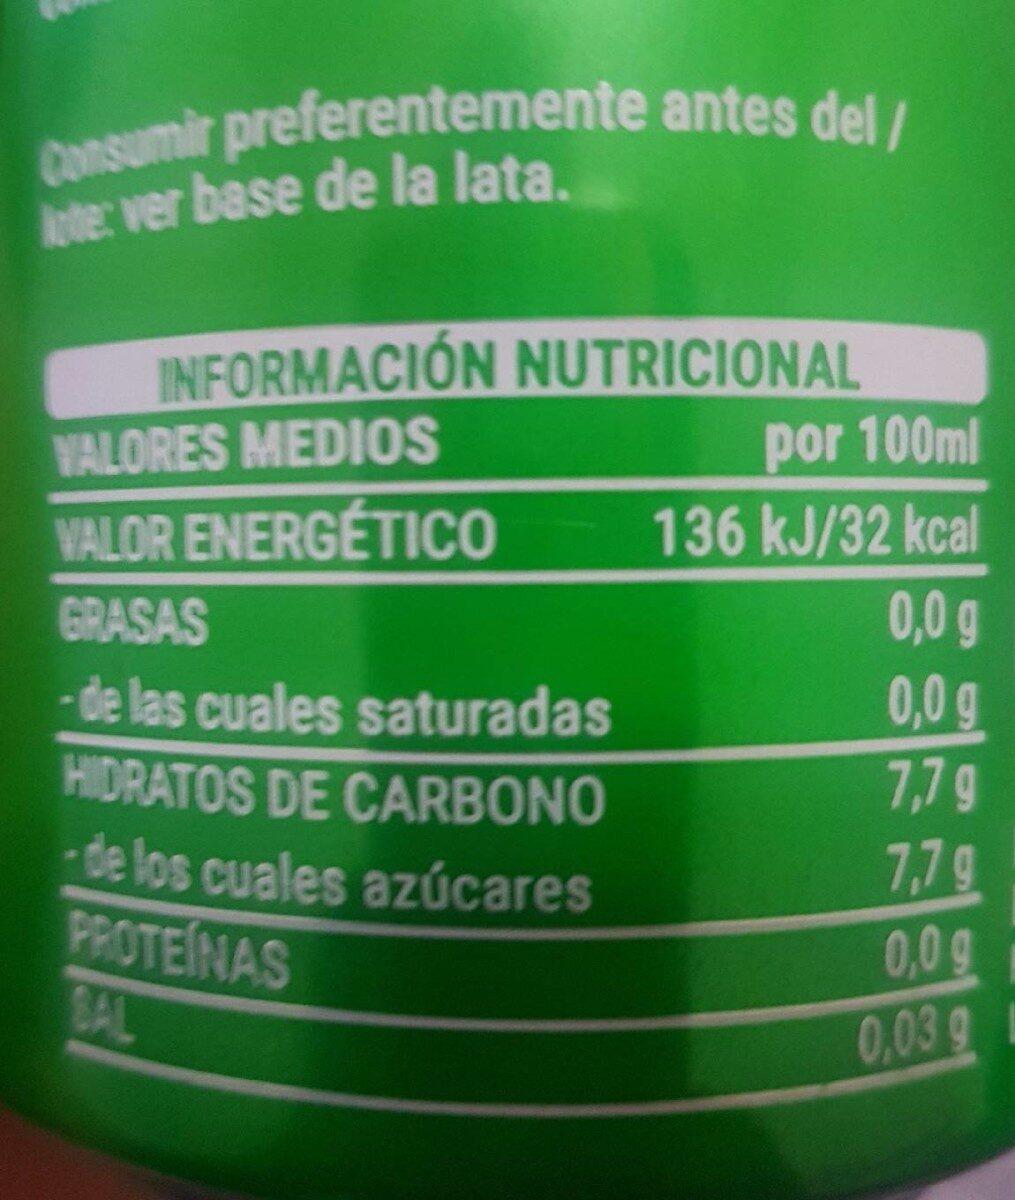 Fresh gas manzana - Información nutricional - es